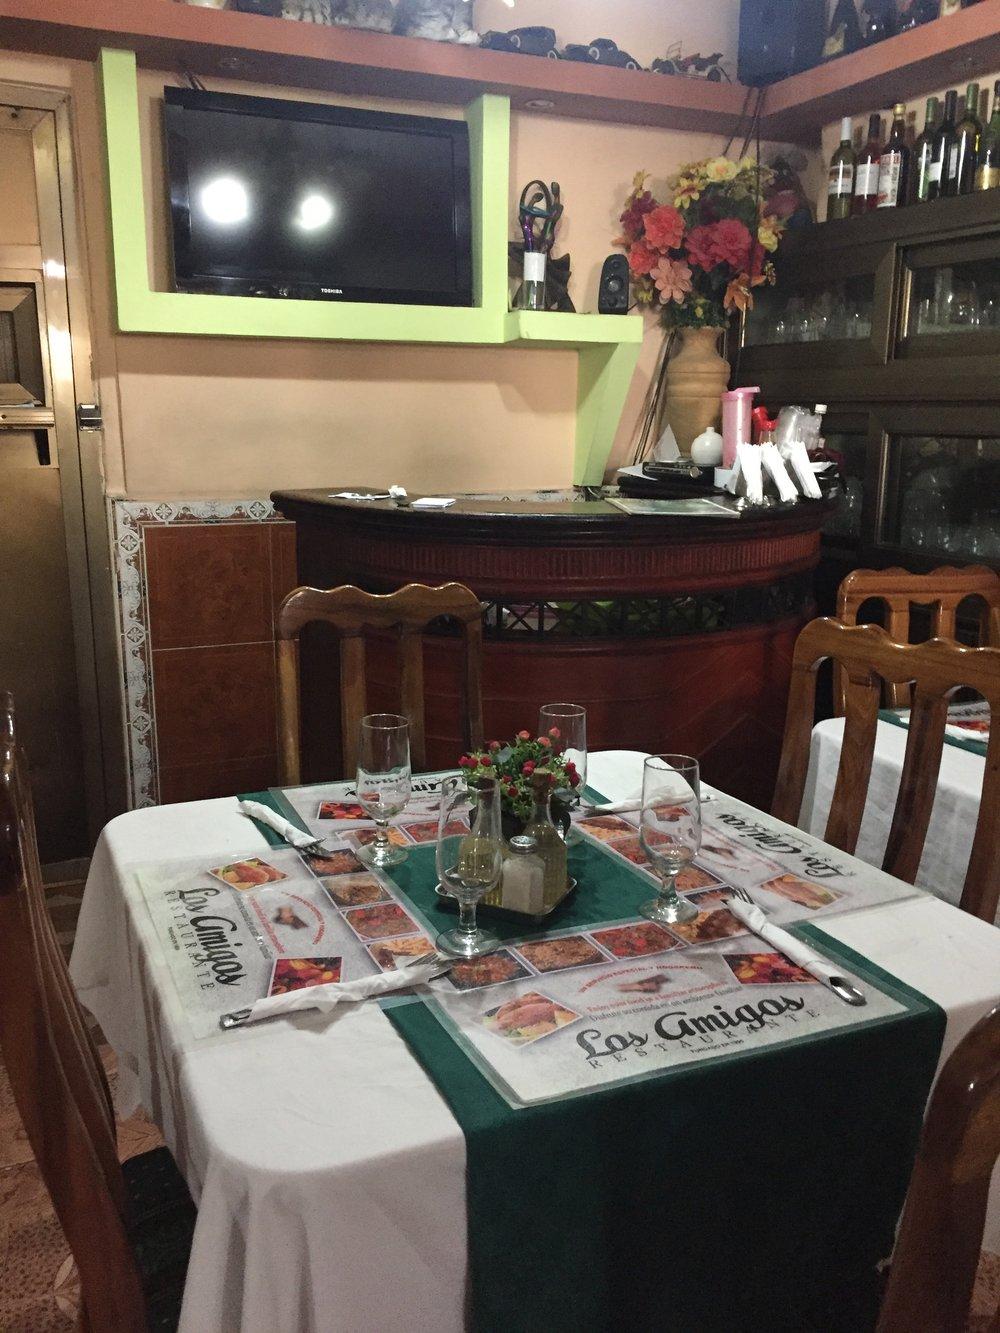 Los Amigos, a paladar (restaurant) in Vedado.